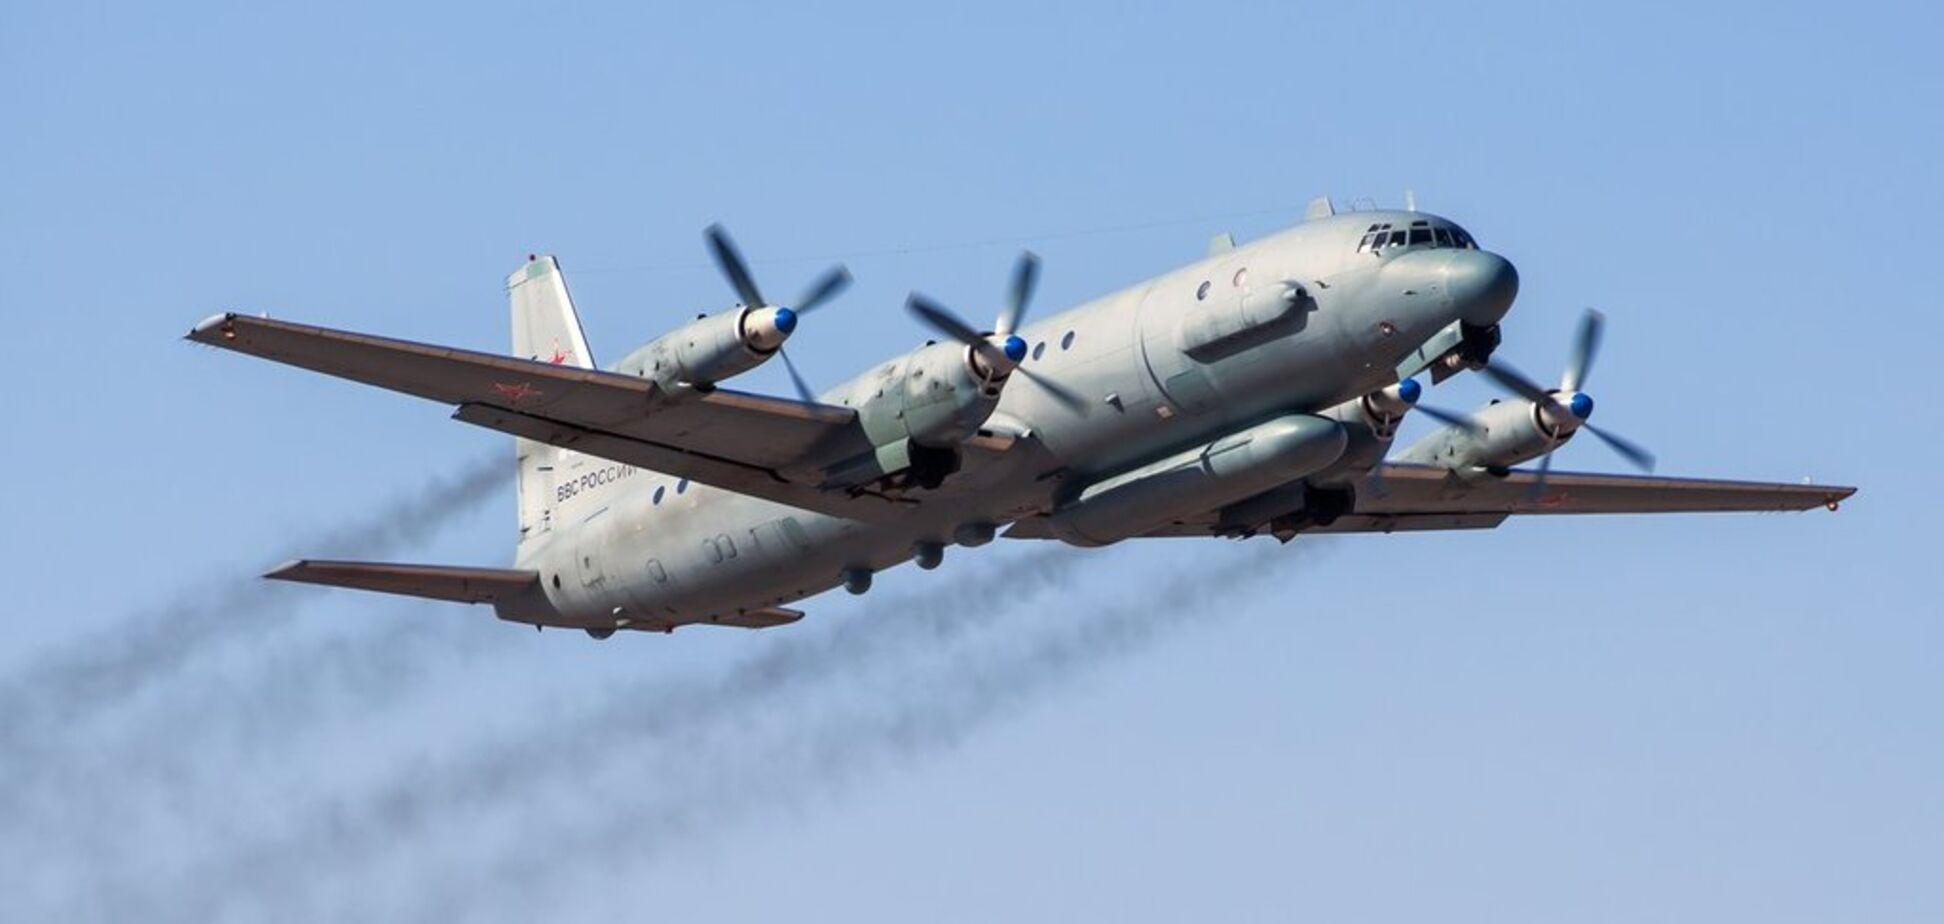 Будут врать дальше. Новая теория о сбитом Ил-20 в Сирии